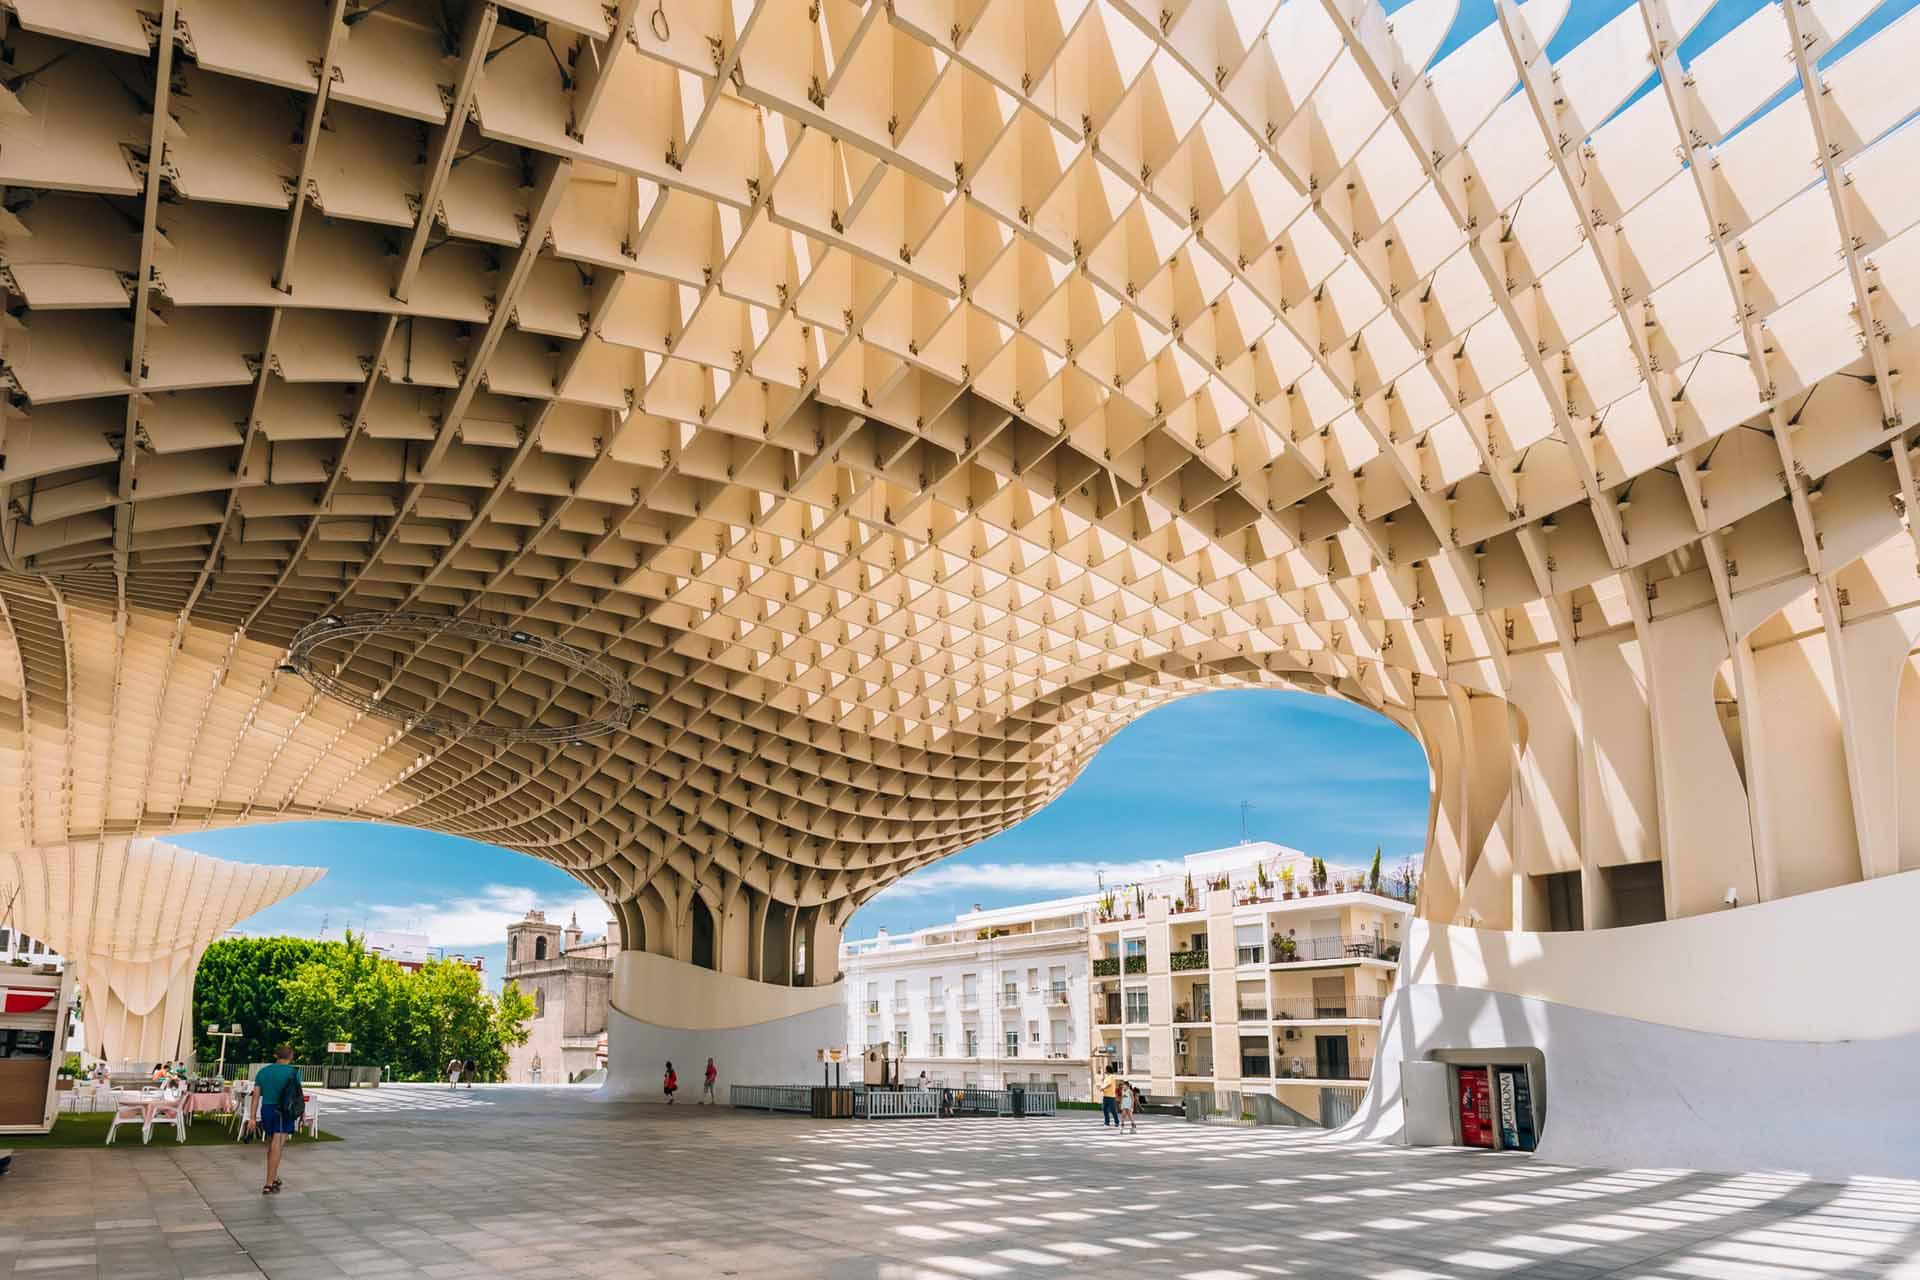 """都市陽傘在當地人口中別名""""蘑菇"""",為木造蜂巢式屋頂建築,美麗光影空間變化讓它成為觀光熱點。"""